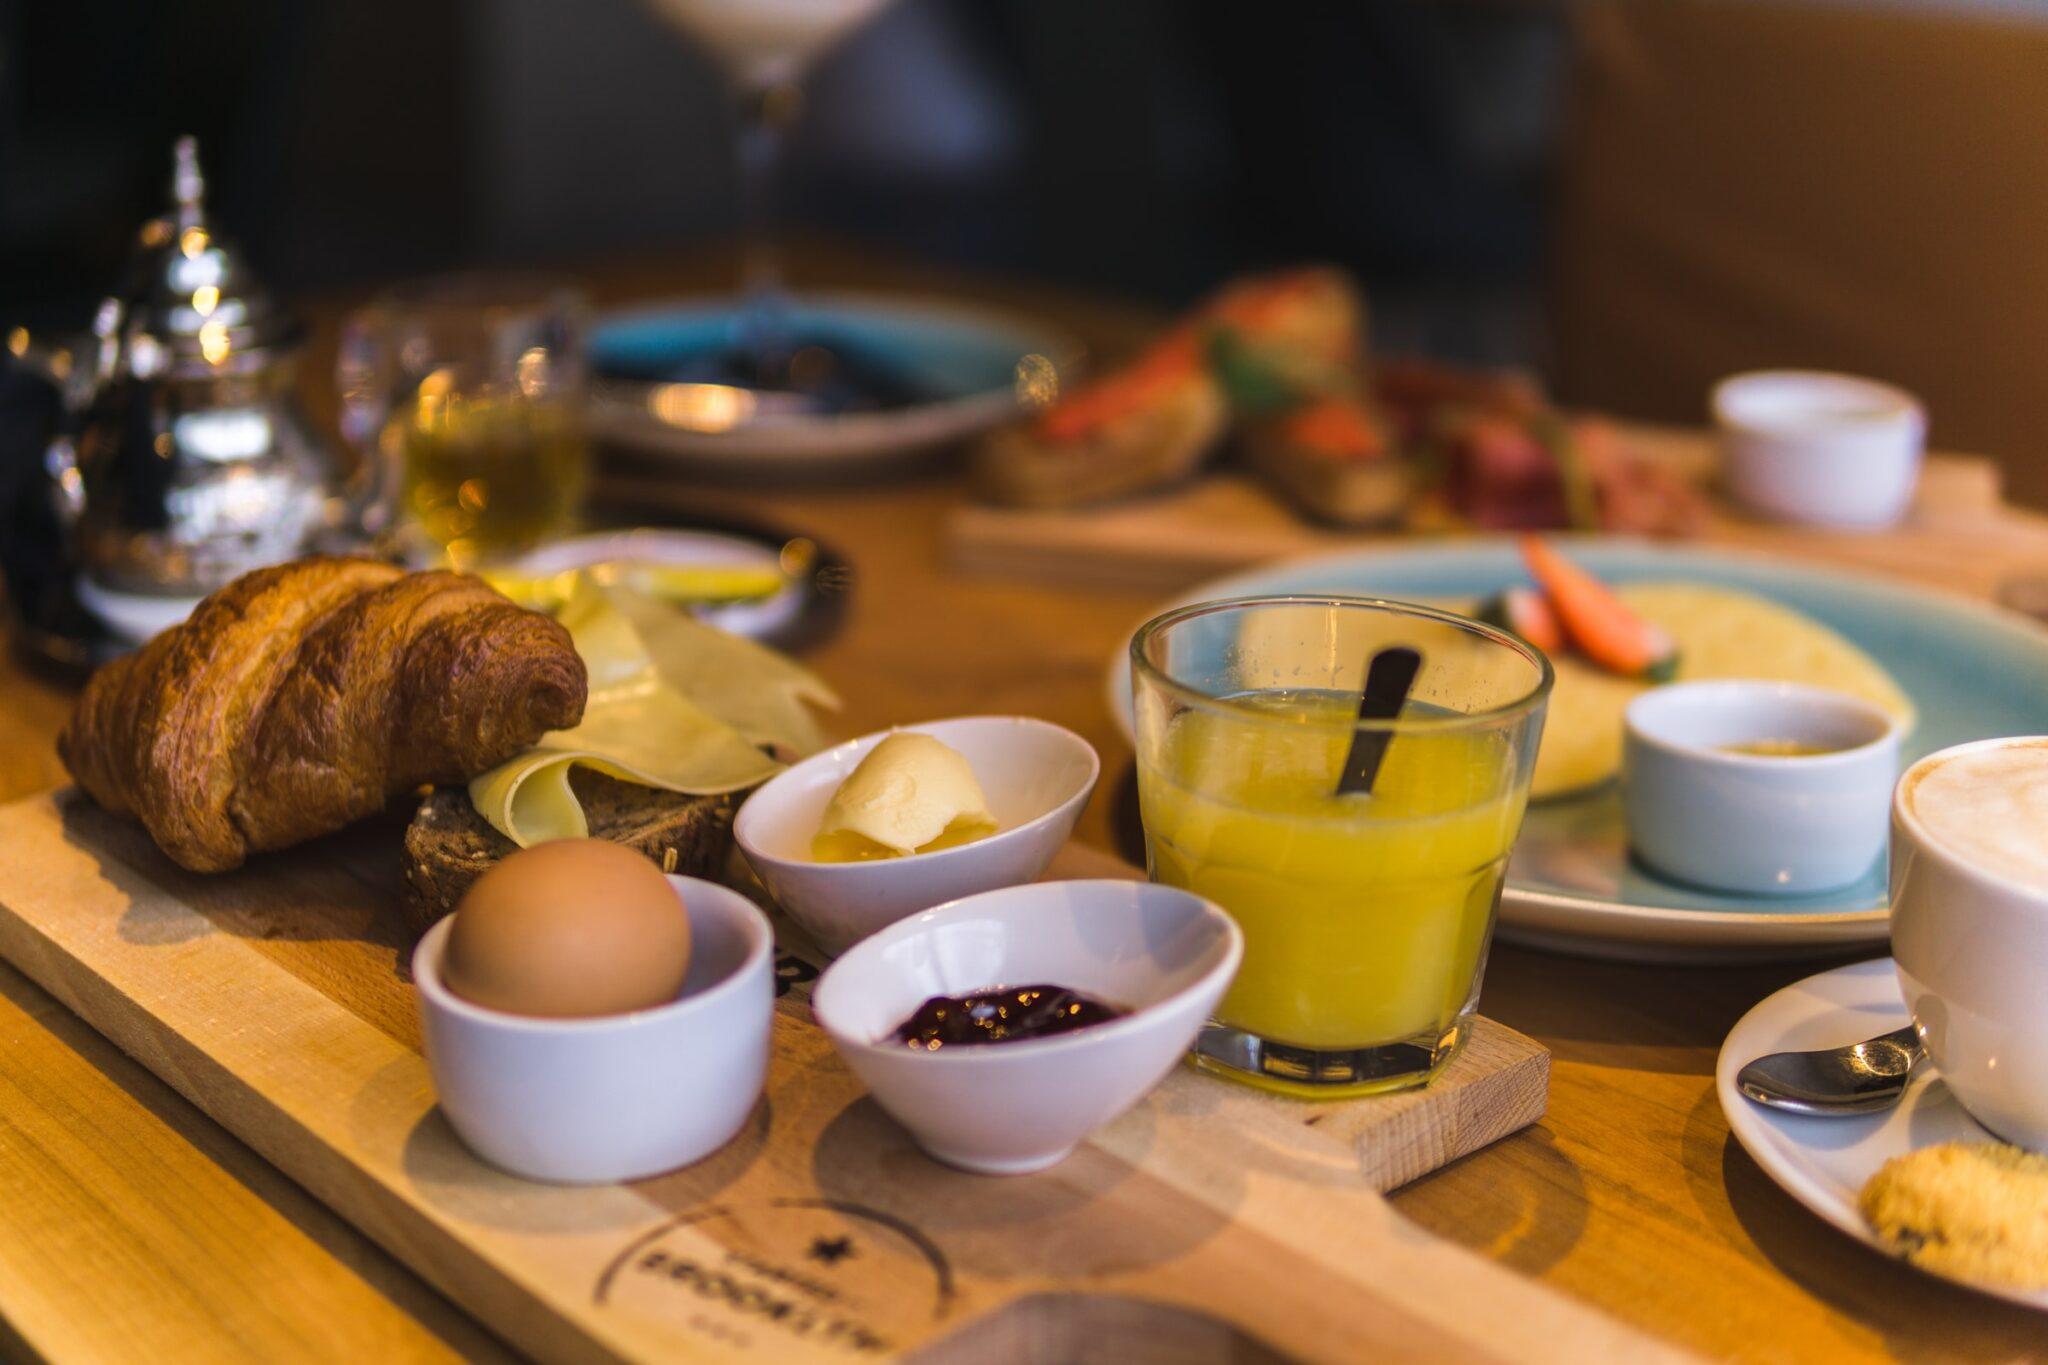 Ein gedeckter Frühstückstisch mit Orangensaft, Ei, Marmelade, Butter, Gipfeli und anderen Sachen.